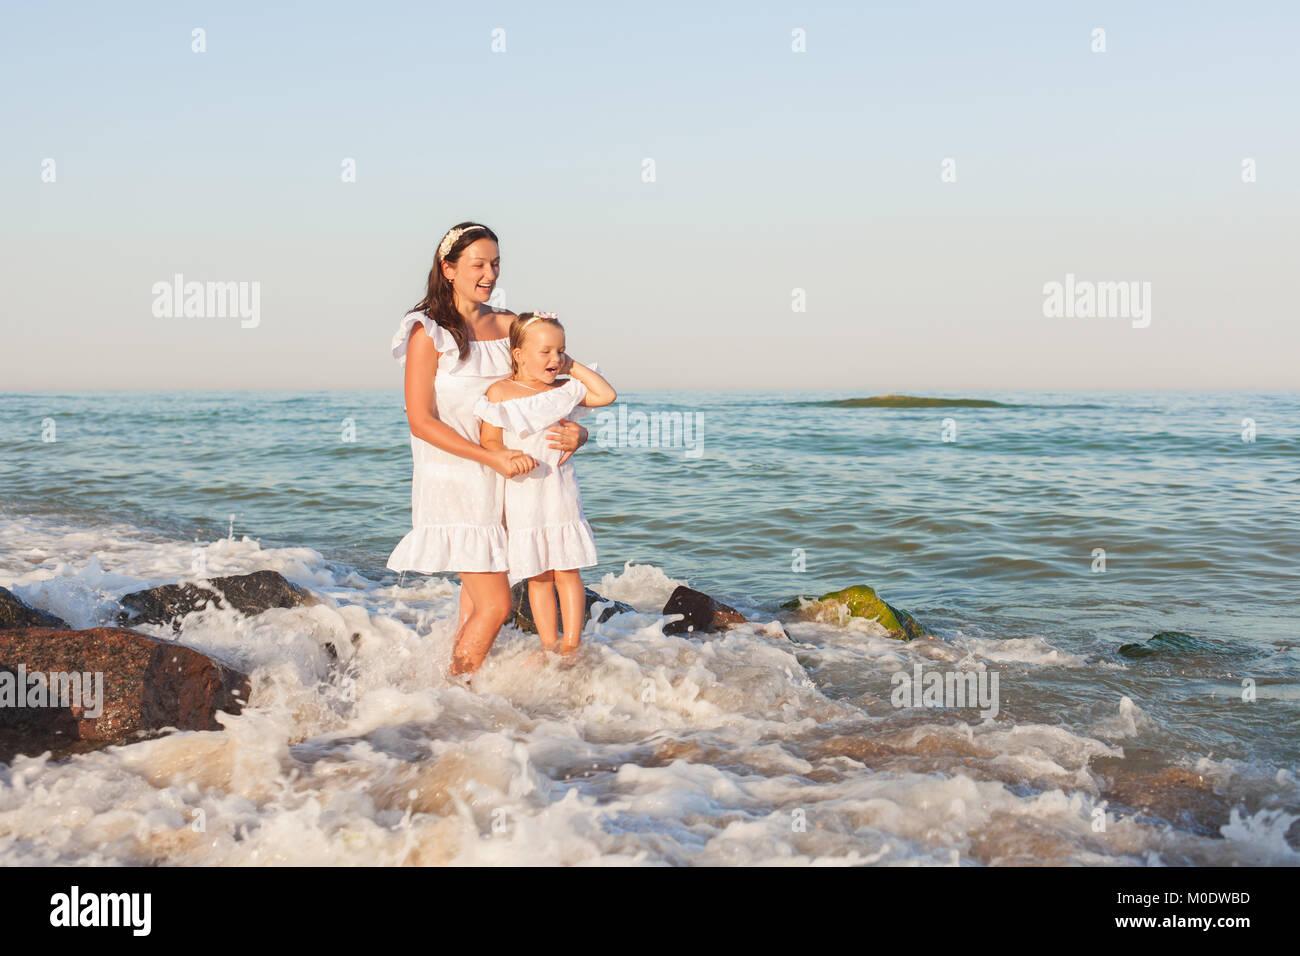 6bd563b9cbf0 Mamma e figlia in bianco vestiti in stand by il mare tra le onde ...